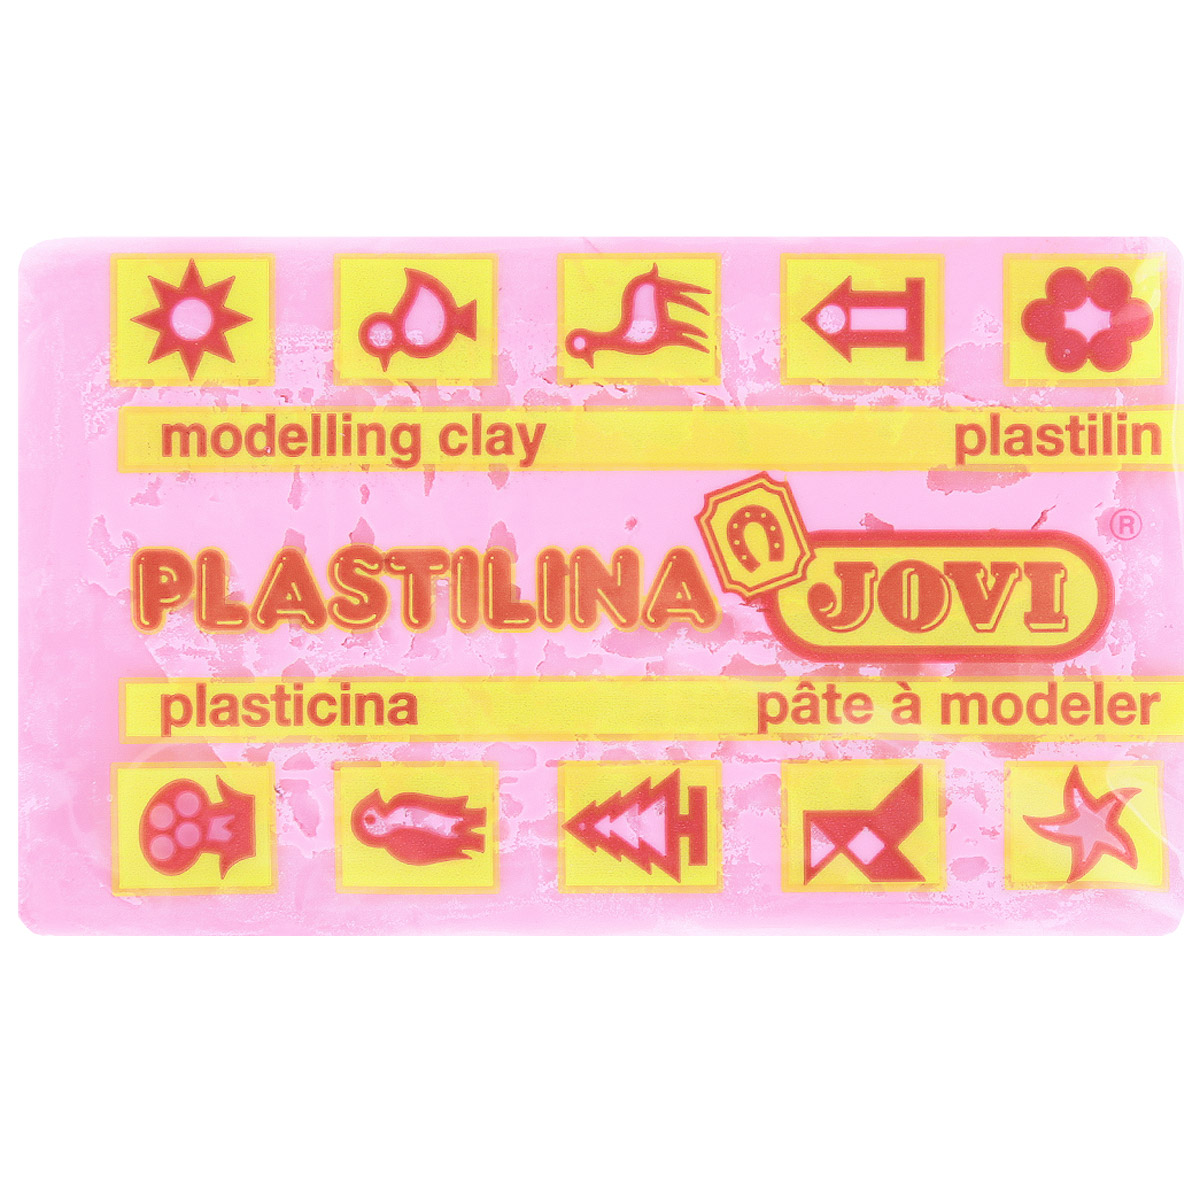 Jovi Пластилин флюоресцентный цвет ярко-розовый 50 г730396Пластилин Jovi - лучший выбор для лепки, он обладает превосходными изобразительными возможностями и поэтому дает простор воображению и самым смелым творческим замыслам. Пластилин, изготовленный на растительной основе, очень мягкий, легко разминается и смешивается, не пачкает руки и не прилипает к рабочей поверхности. Пластилин пригоден для создания аппликаций и поделок, ручной лепки, моделирования на каркасе, пластилиновой живописи - рисовании пластилином по бумаге, картону, дереву или текстилю. Пластические свойства сохраняются в течение 5 лет.